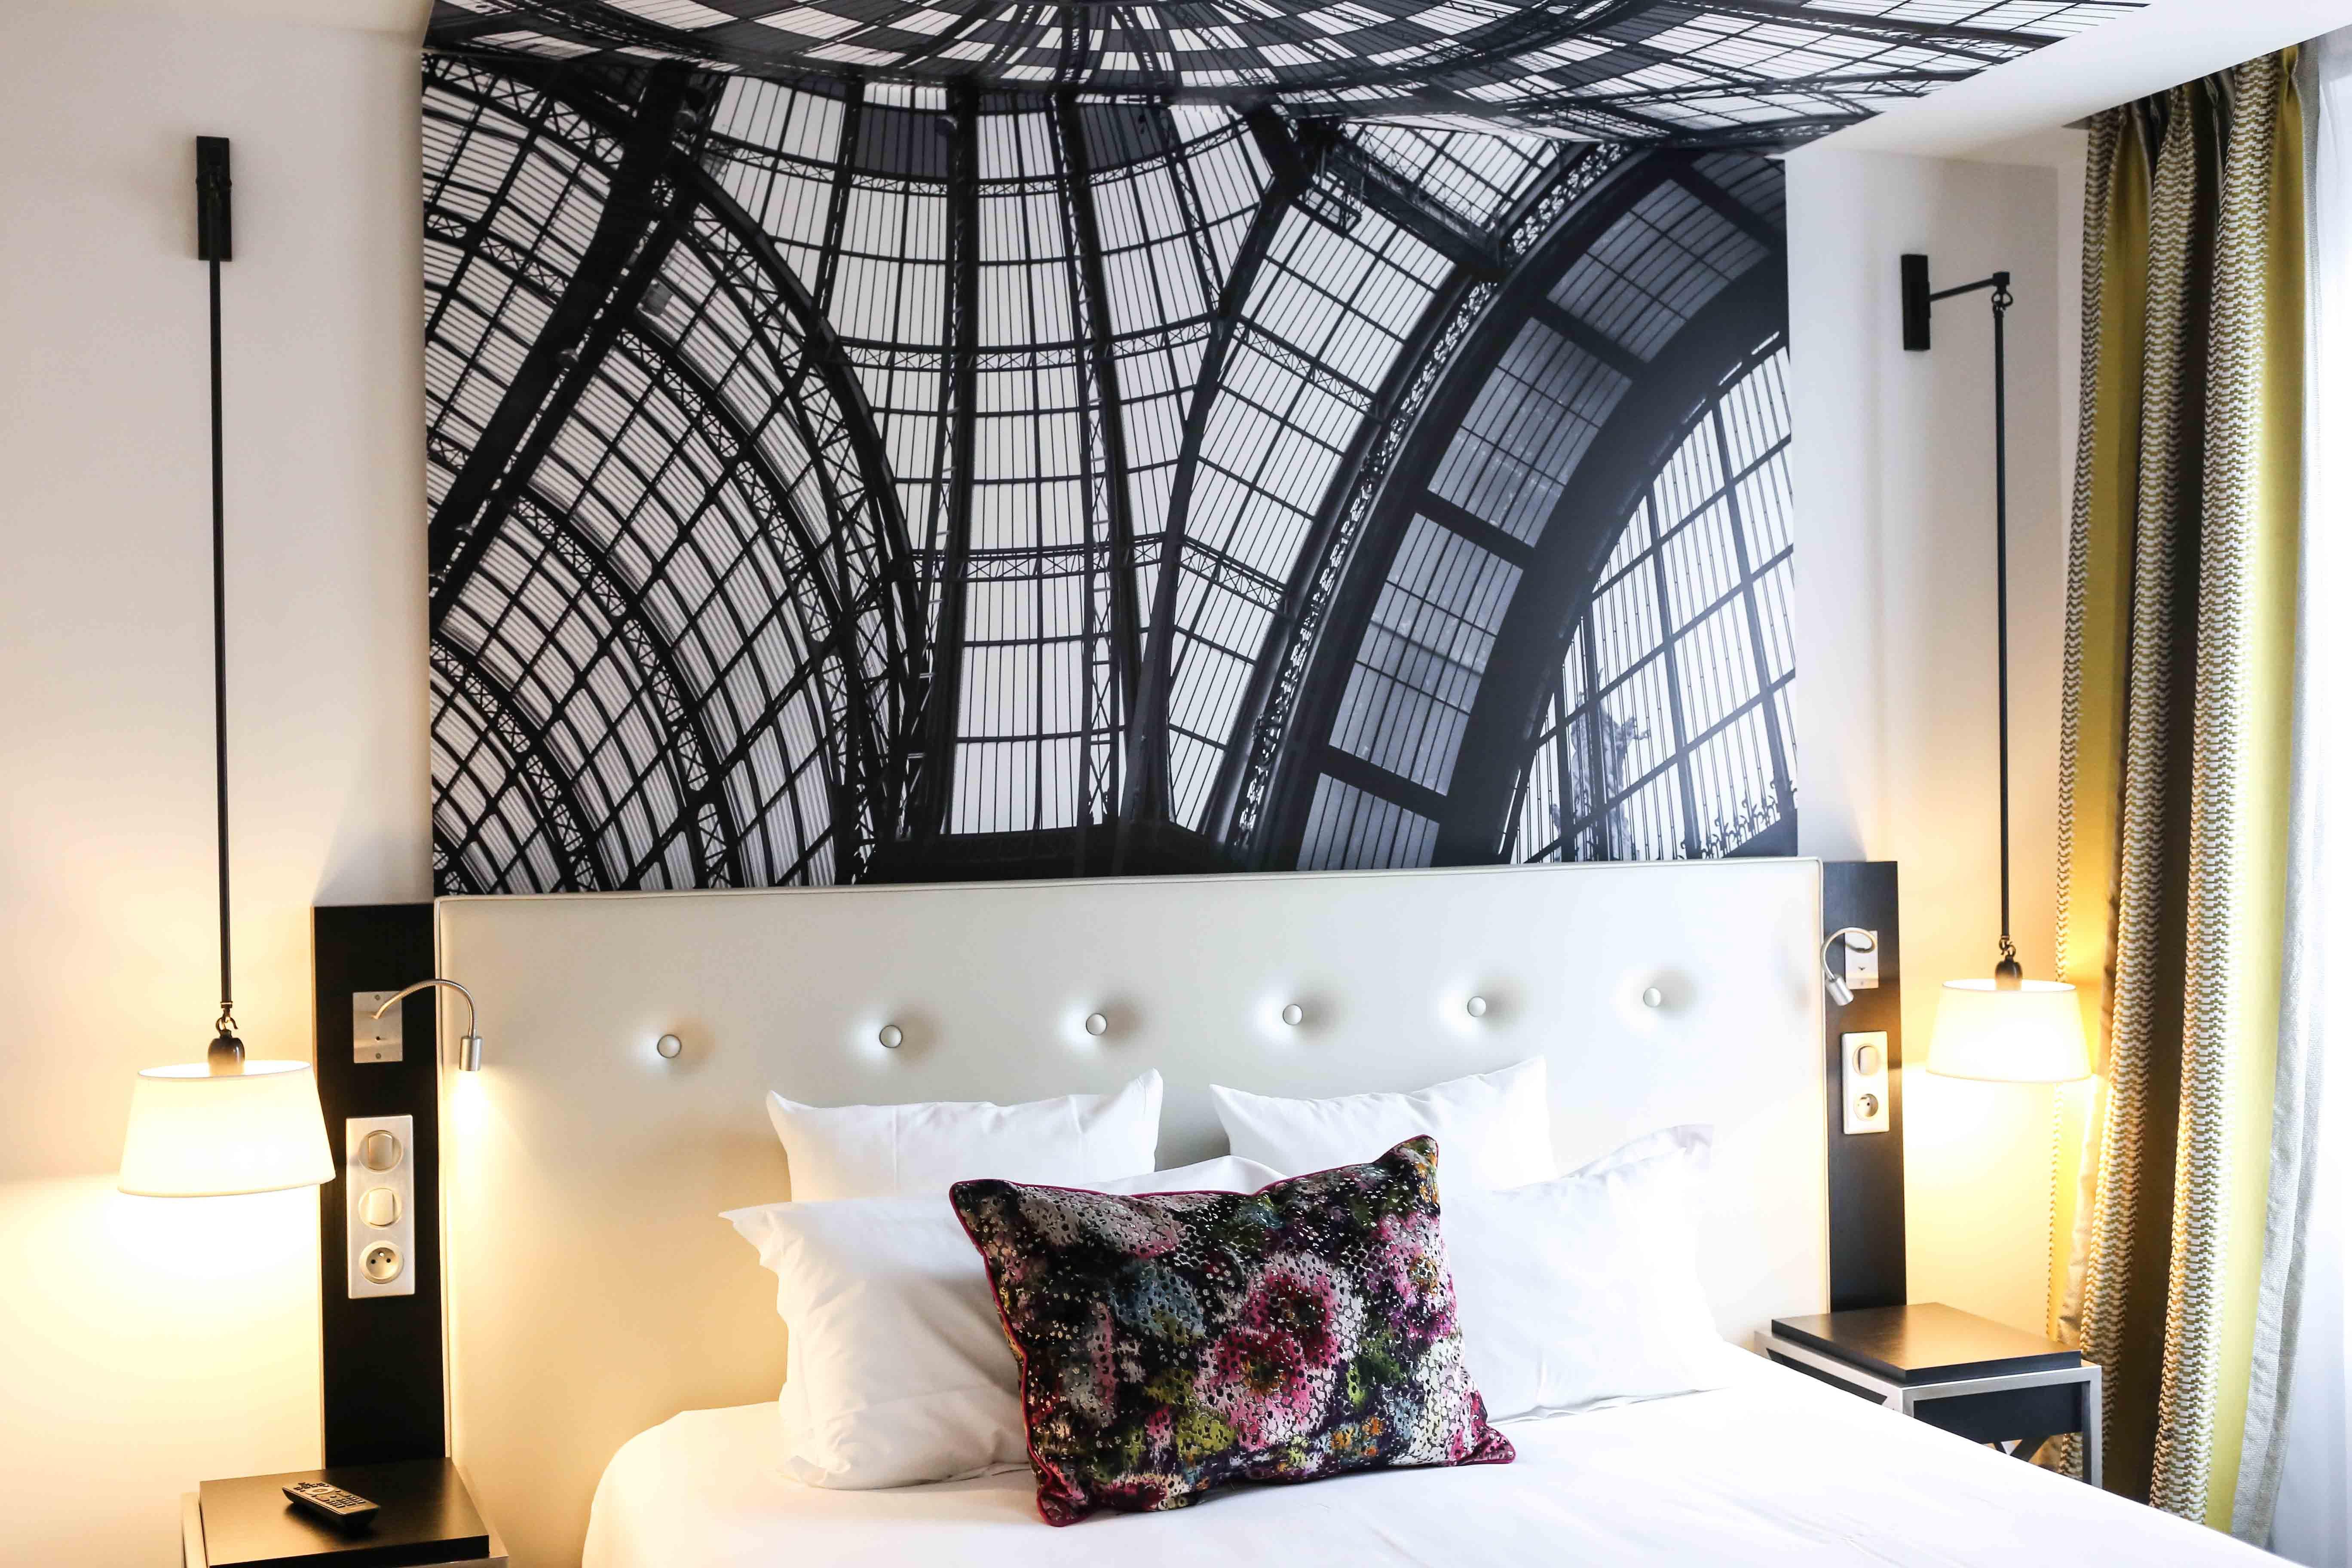 hotel-gustave-4-sterne-hotel-paris-eiffelturm-lage-erfahrung-bericht-reiseblog-travelblog_0638